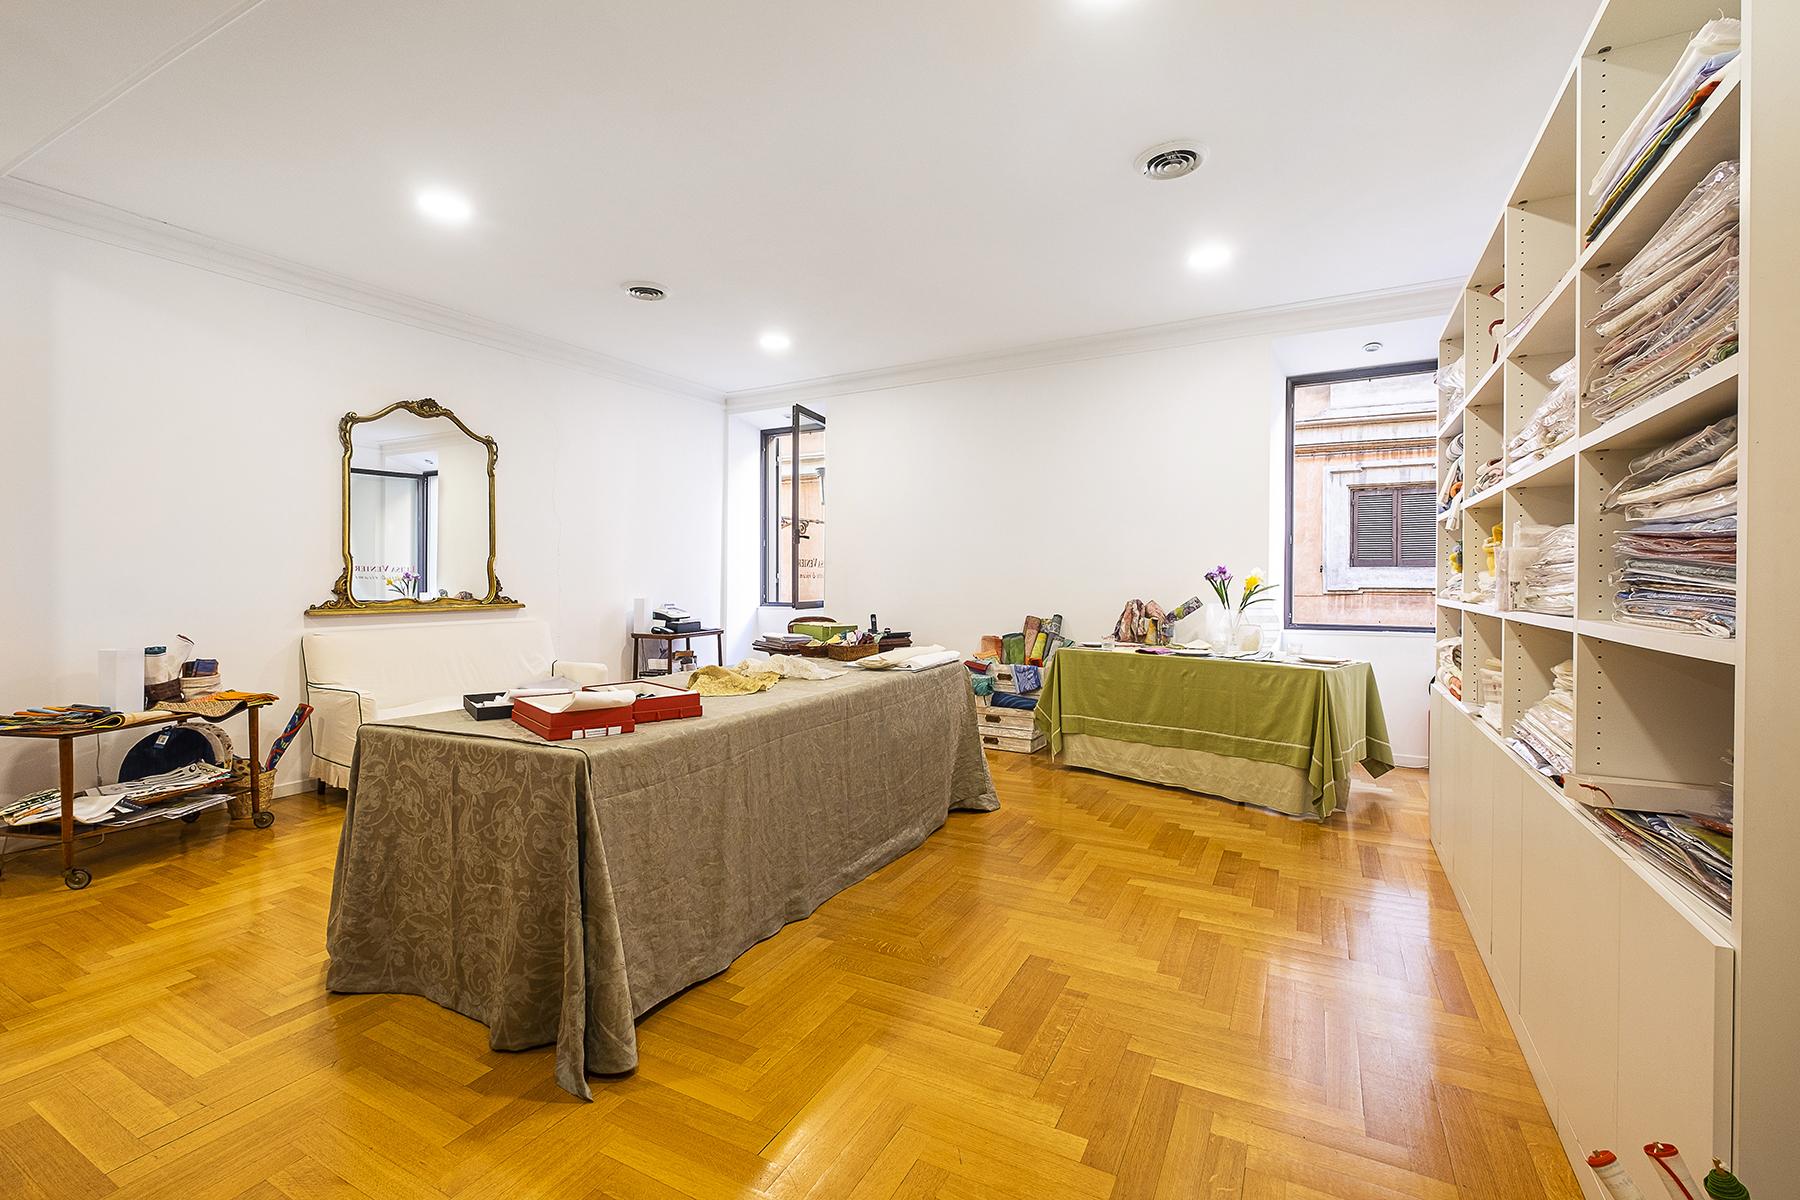 Negozio-locale in Affitto a Roma: 3 locali, 80 mq